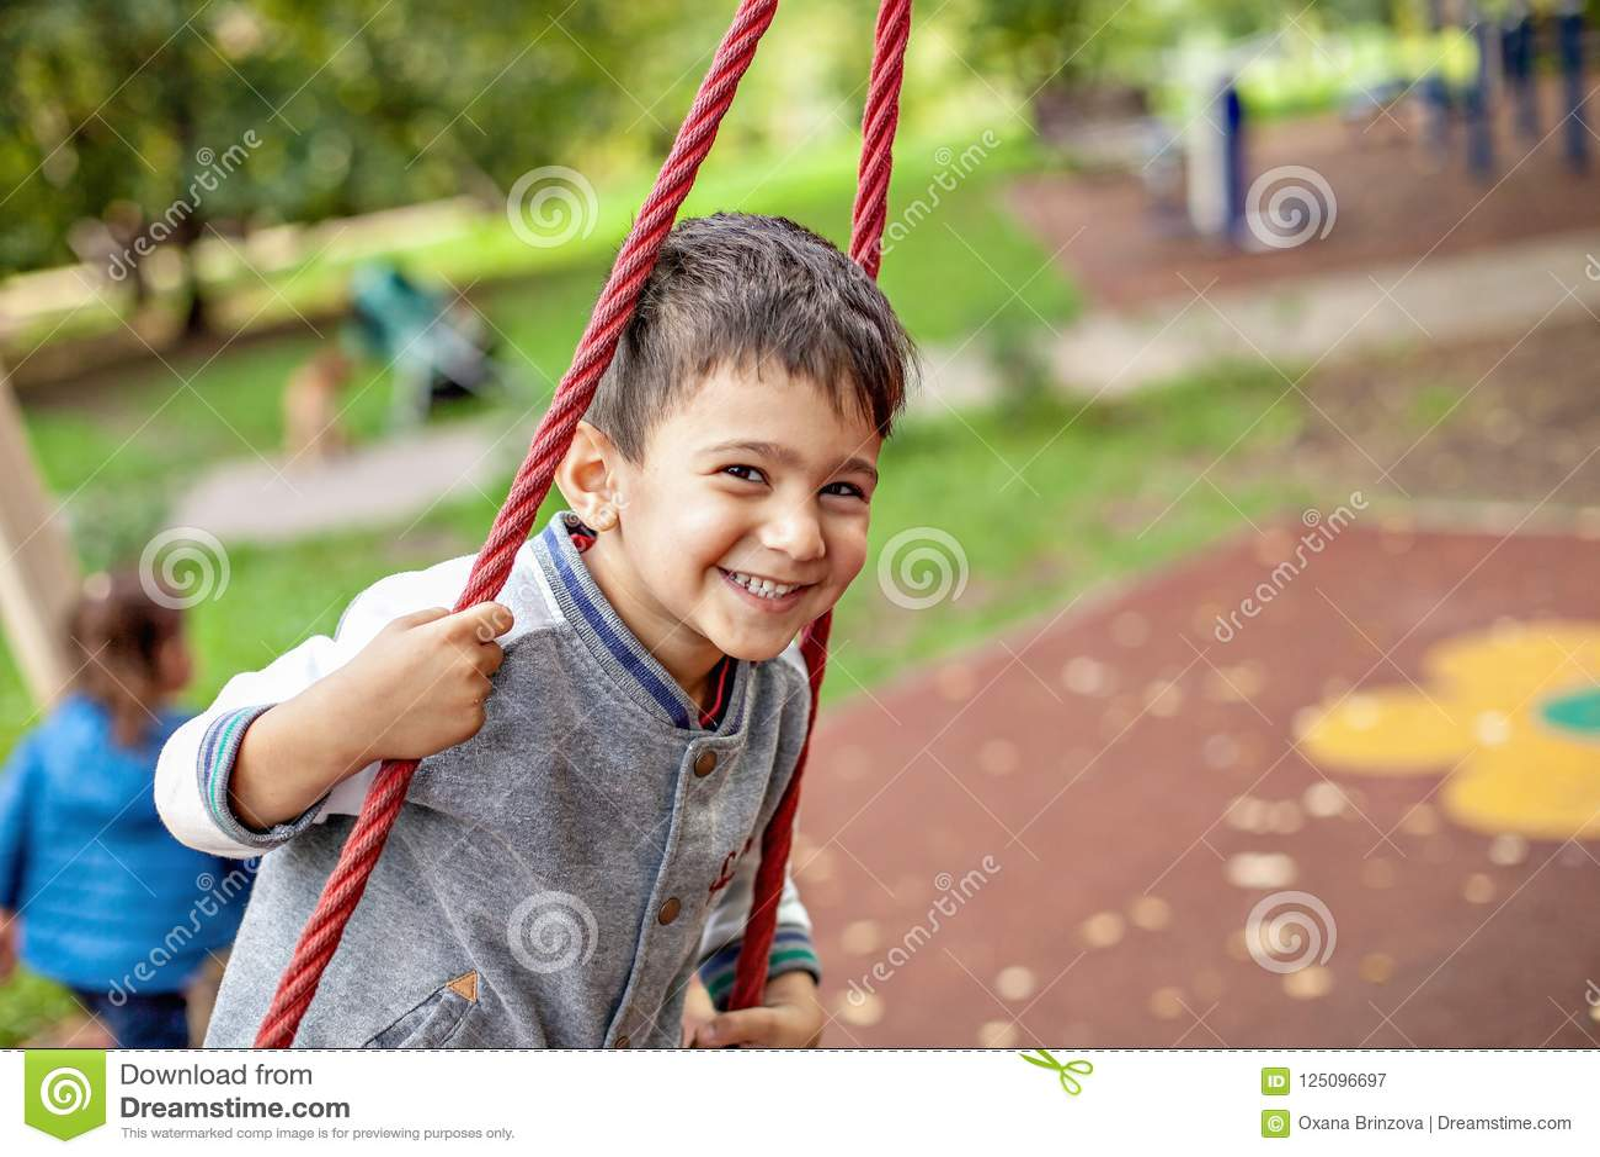 Retrato del primer del niño pequeño sonriente feliz